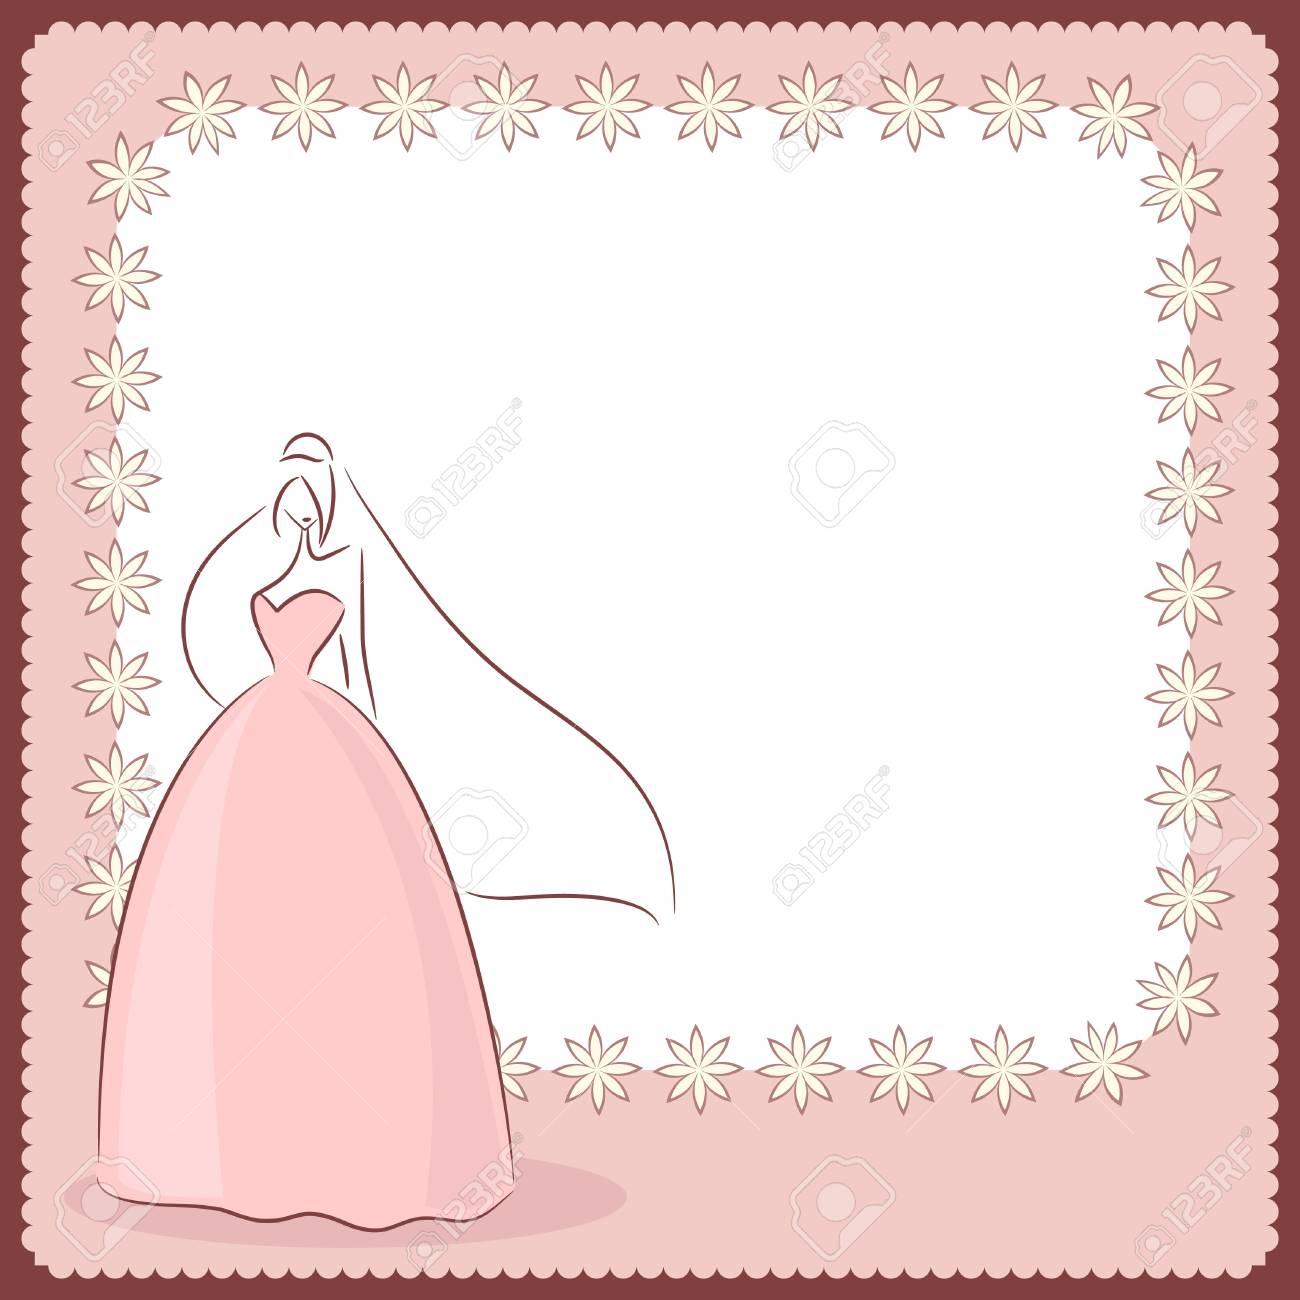 wedding card Stock Vector - 9196271